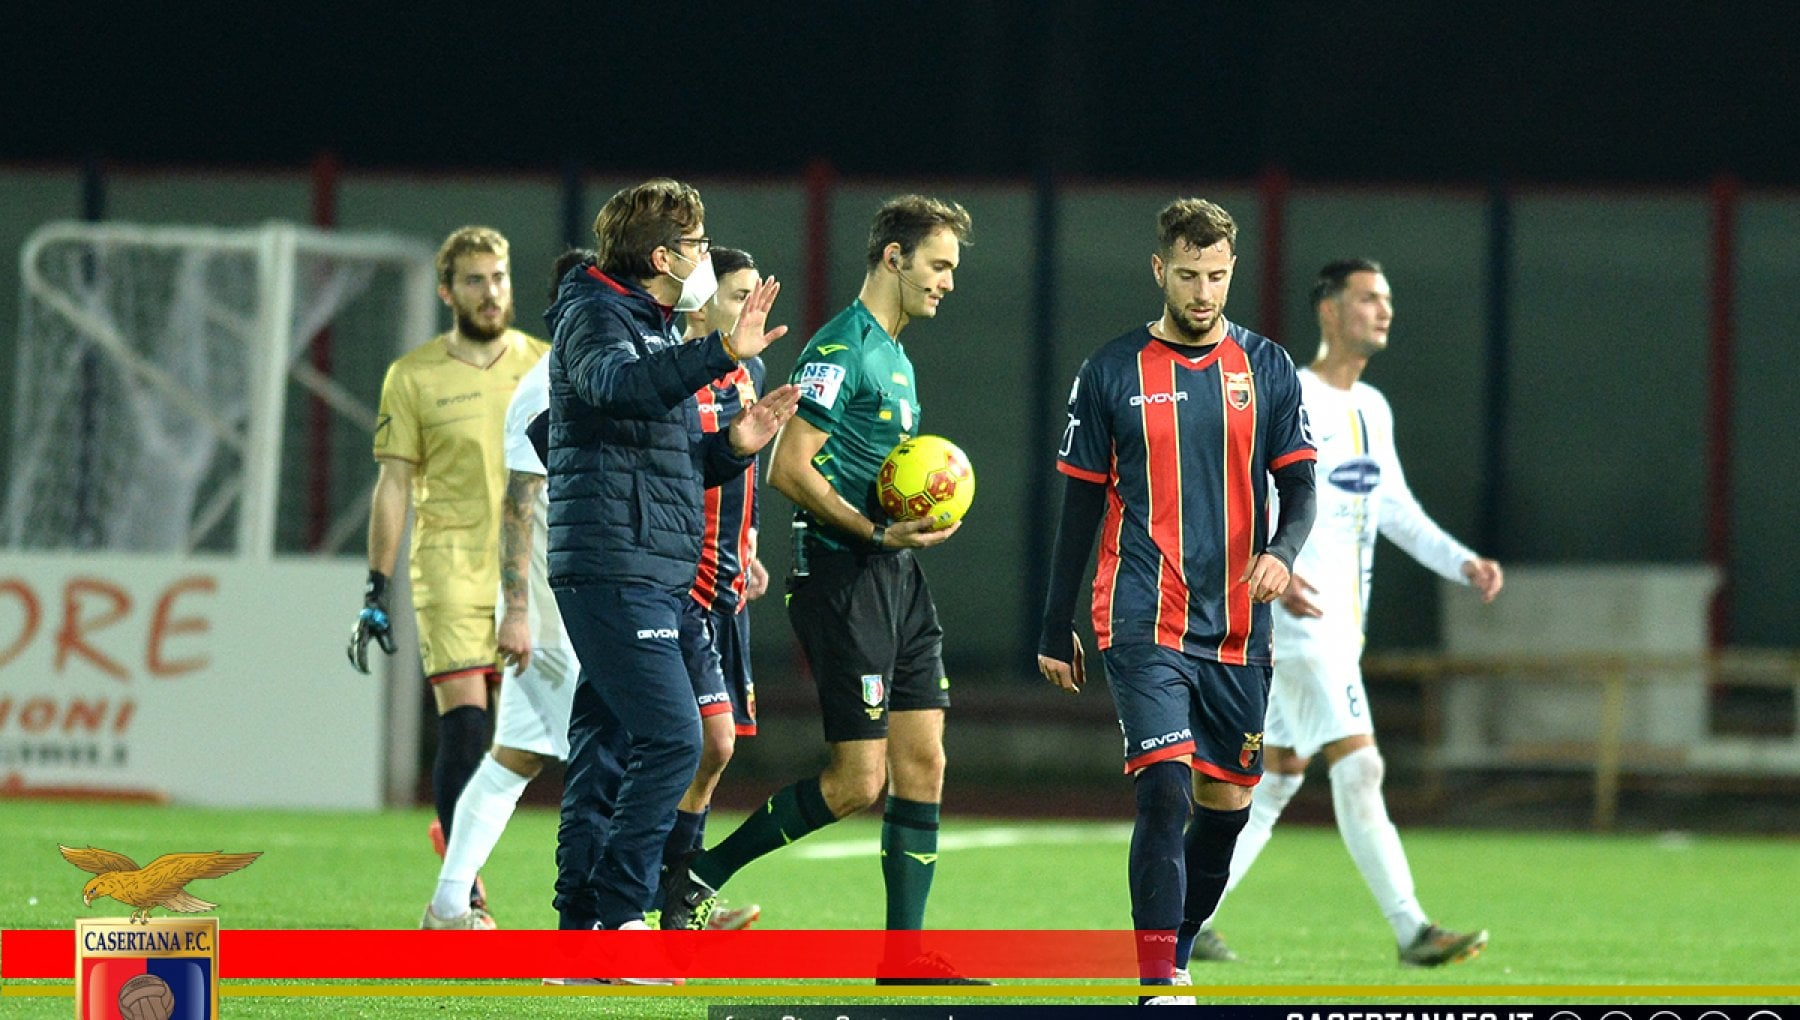 Casertana positivi al Covid due giocatori scesi in campo contro la Viterbese